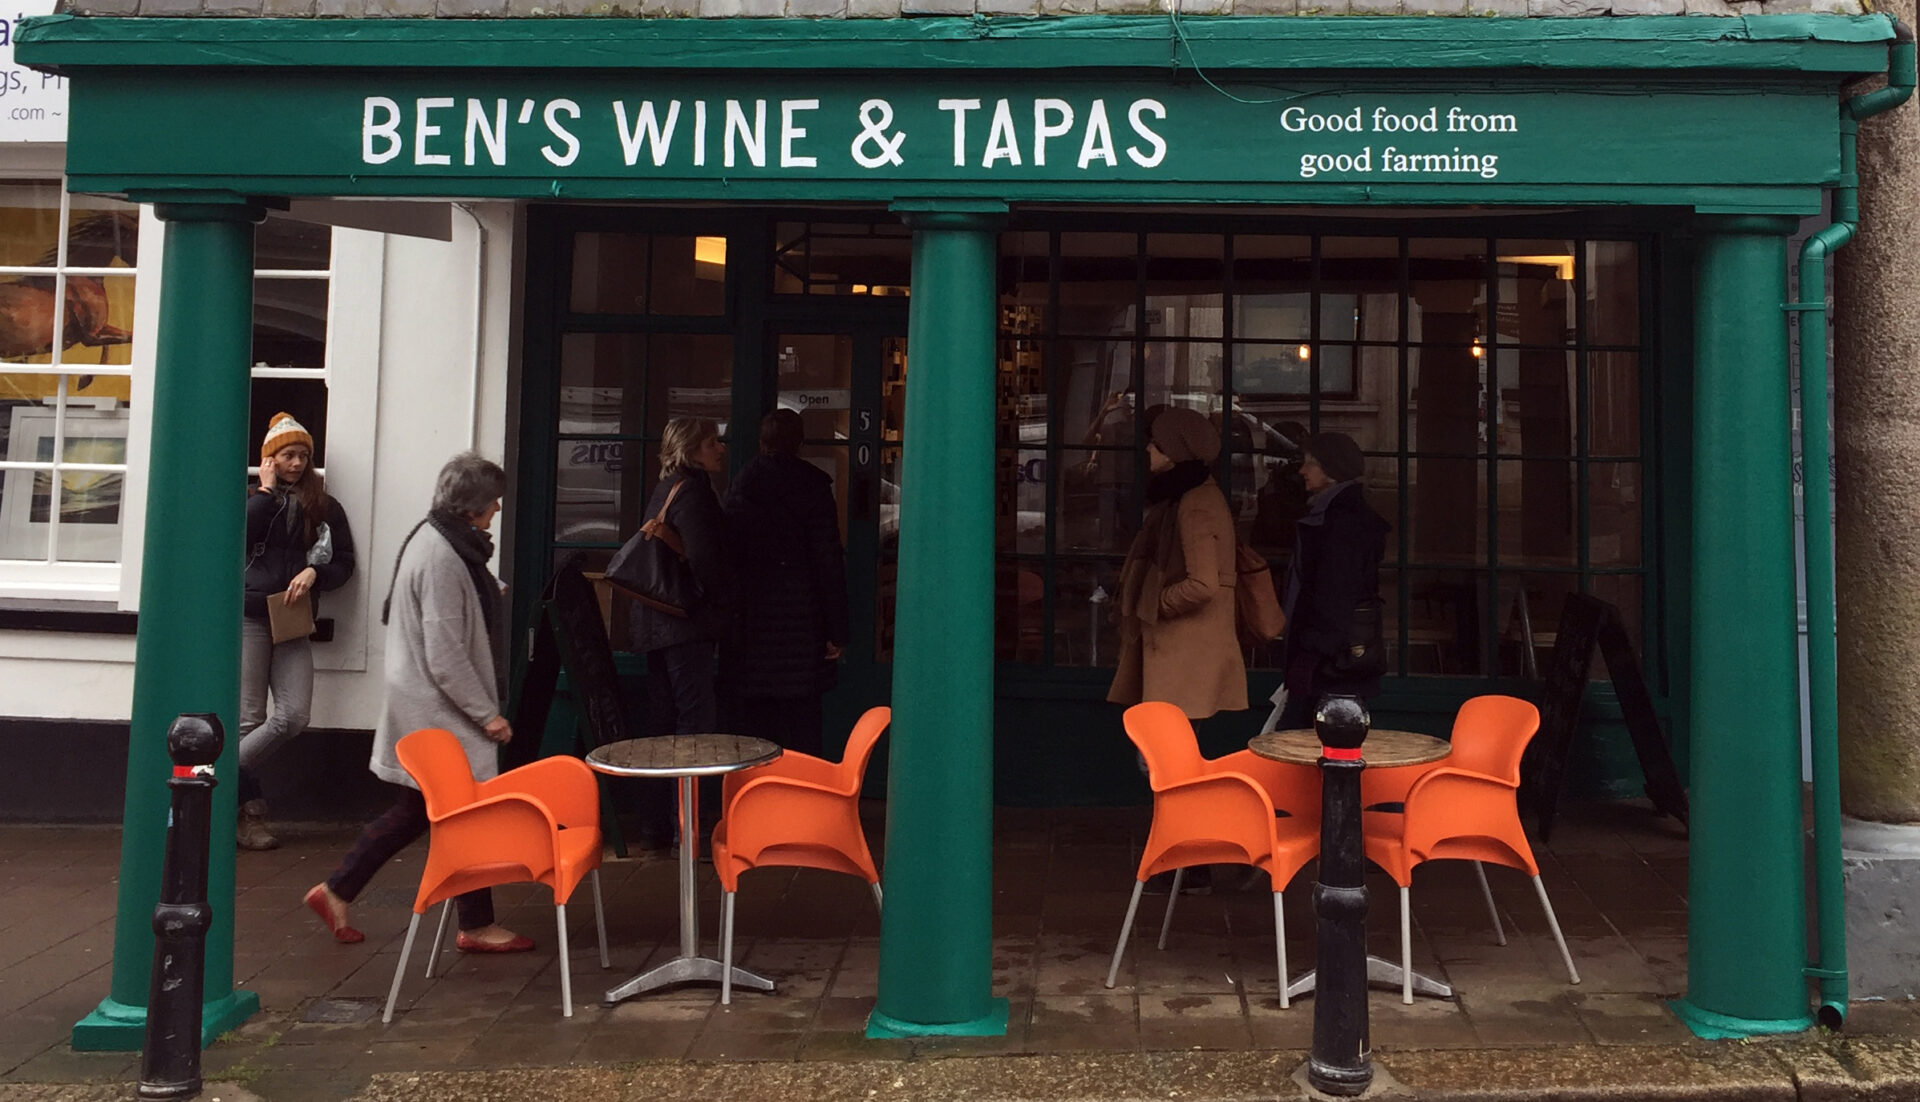 Ben's Wine & Tapas Totnes Devon